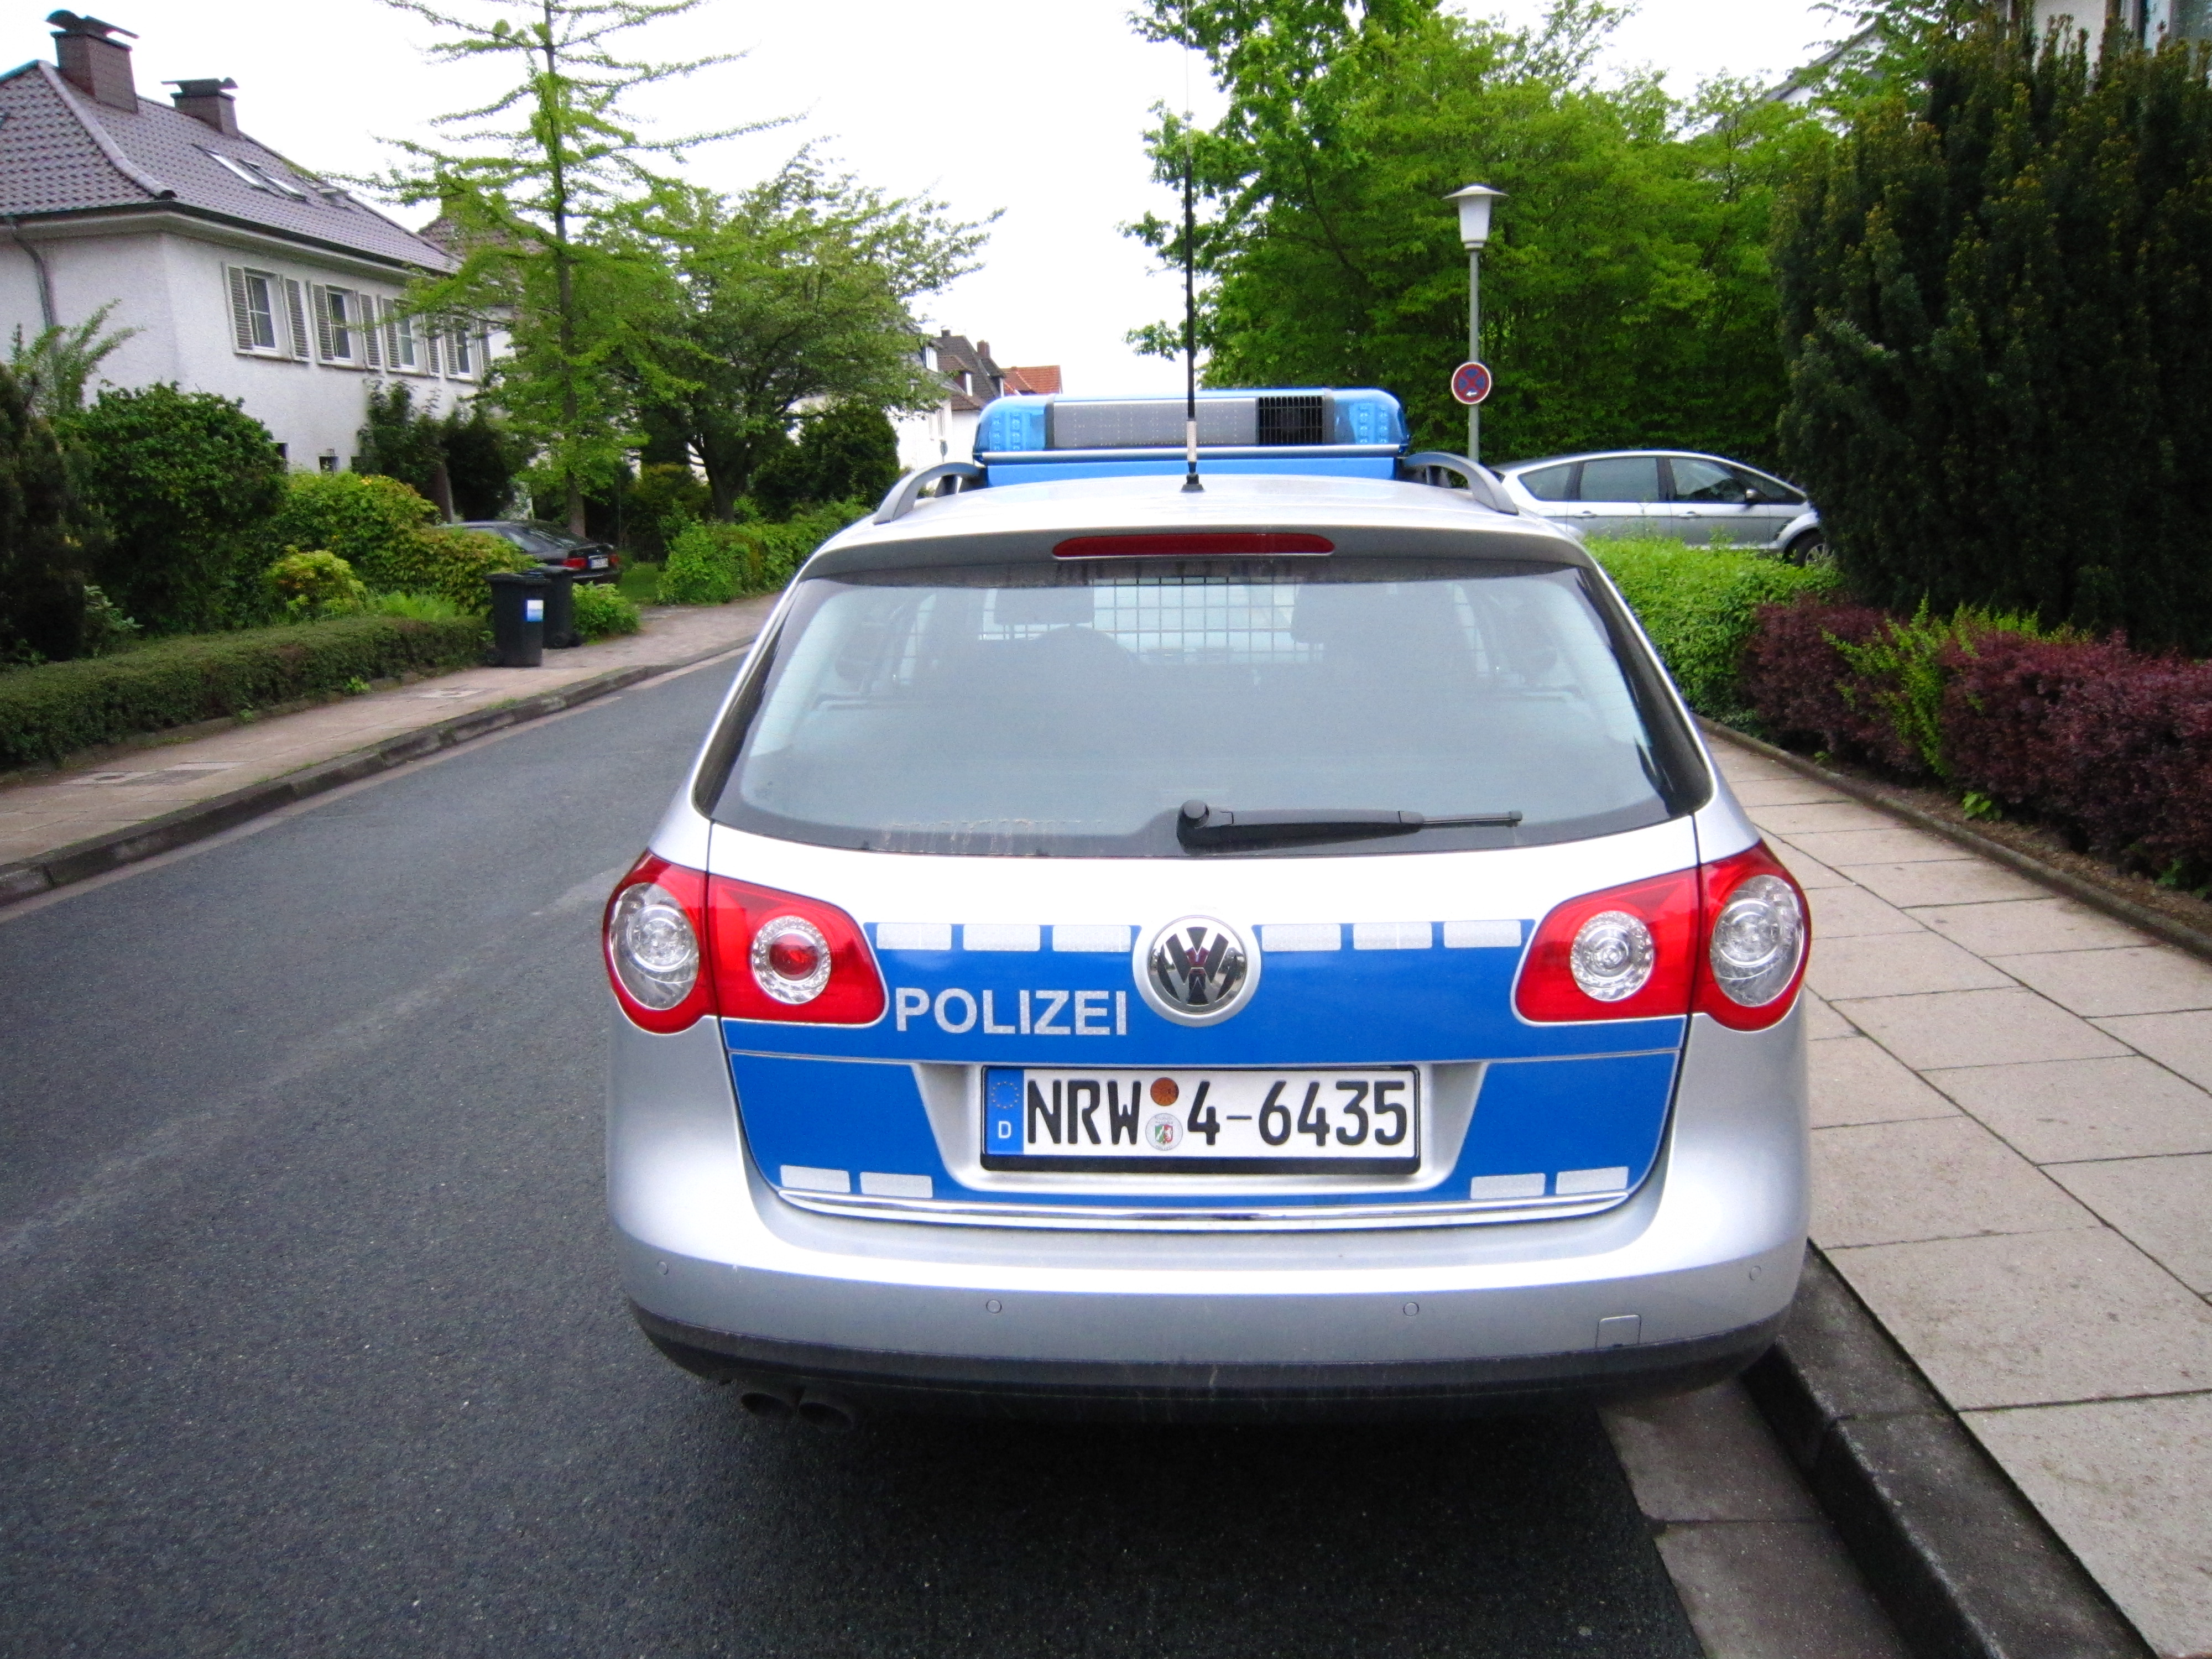 Polizeieinsatz-Bielefeld-Schelpsheide-33-Kampmann (9)